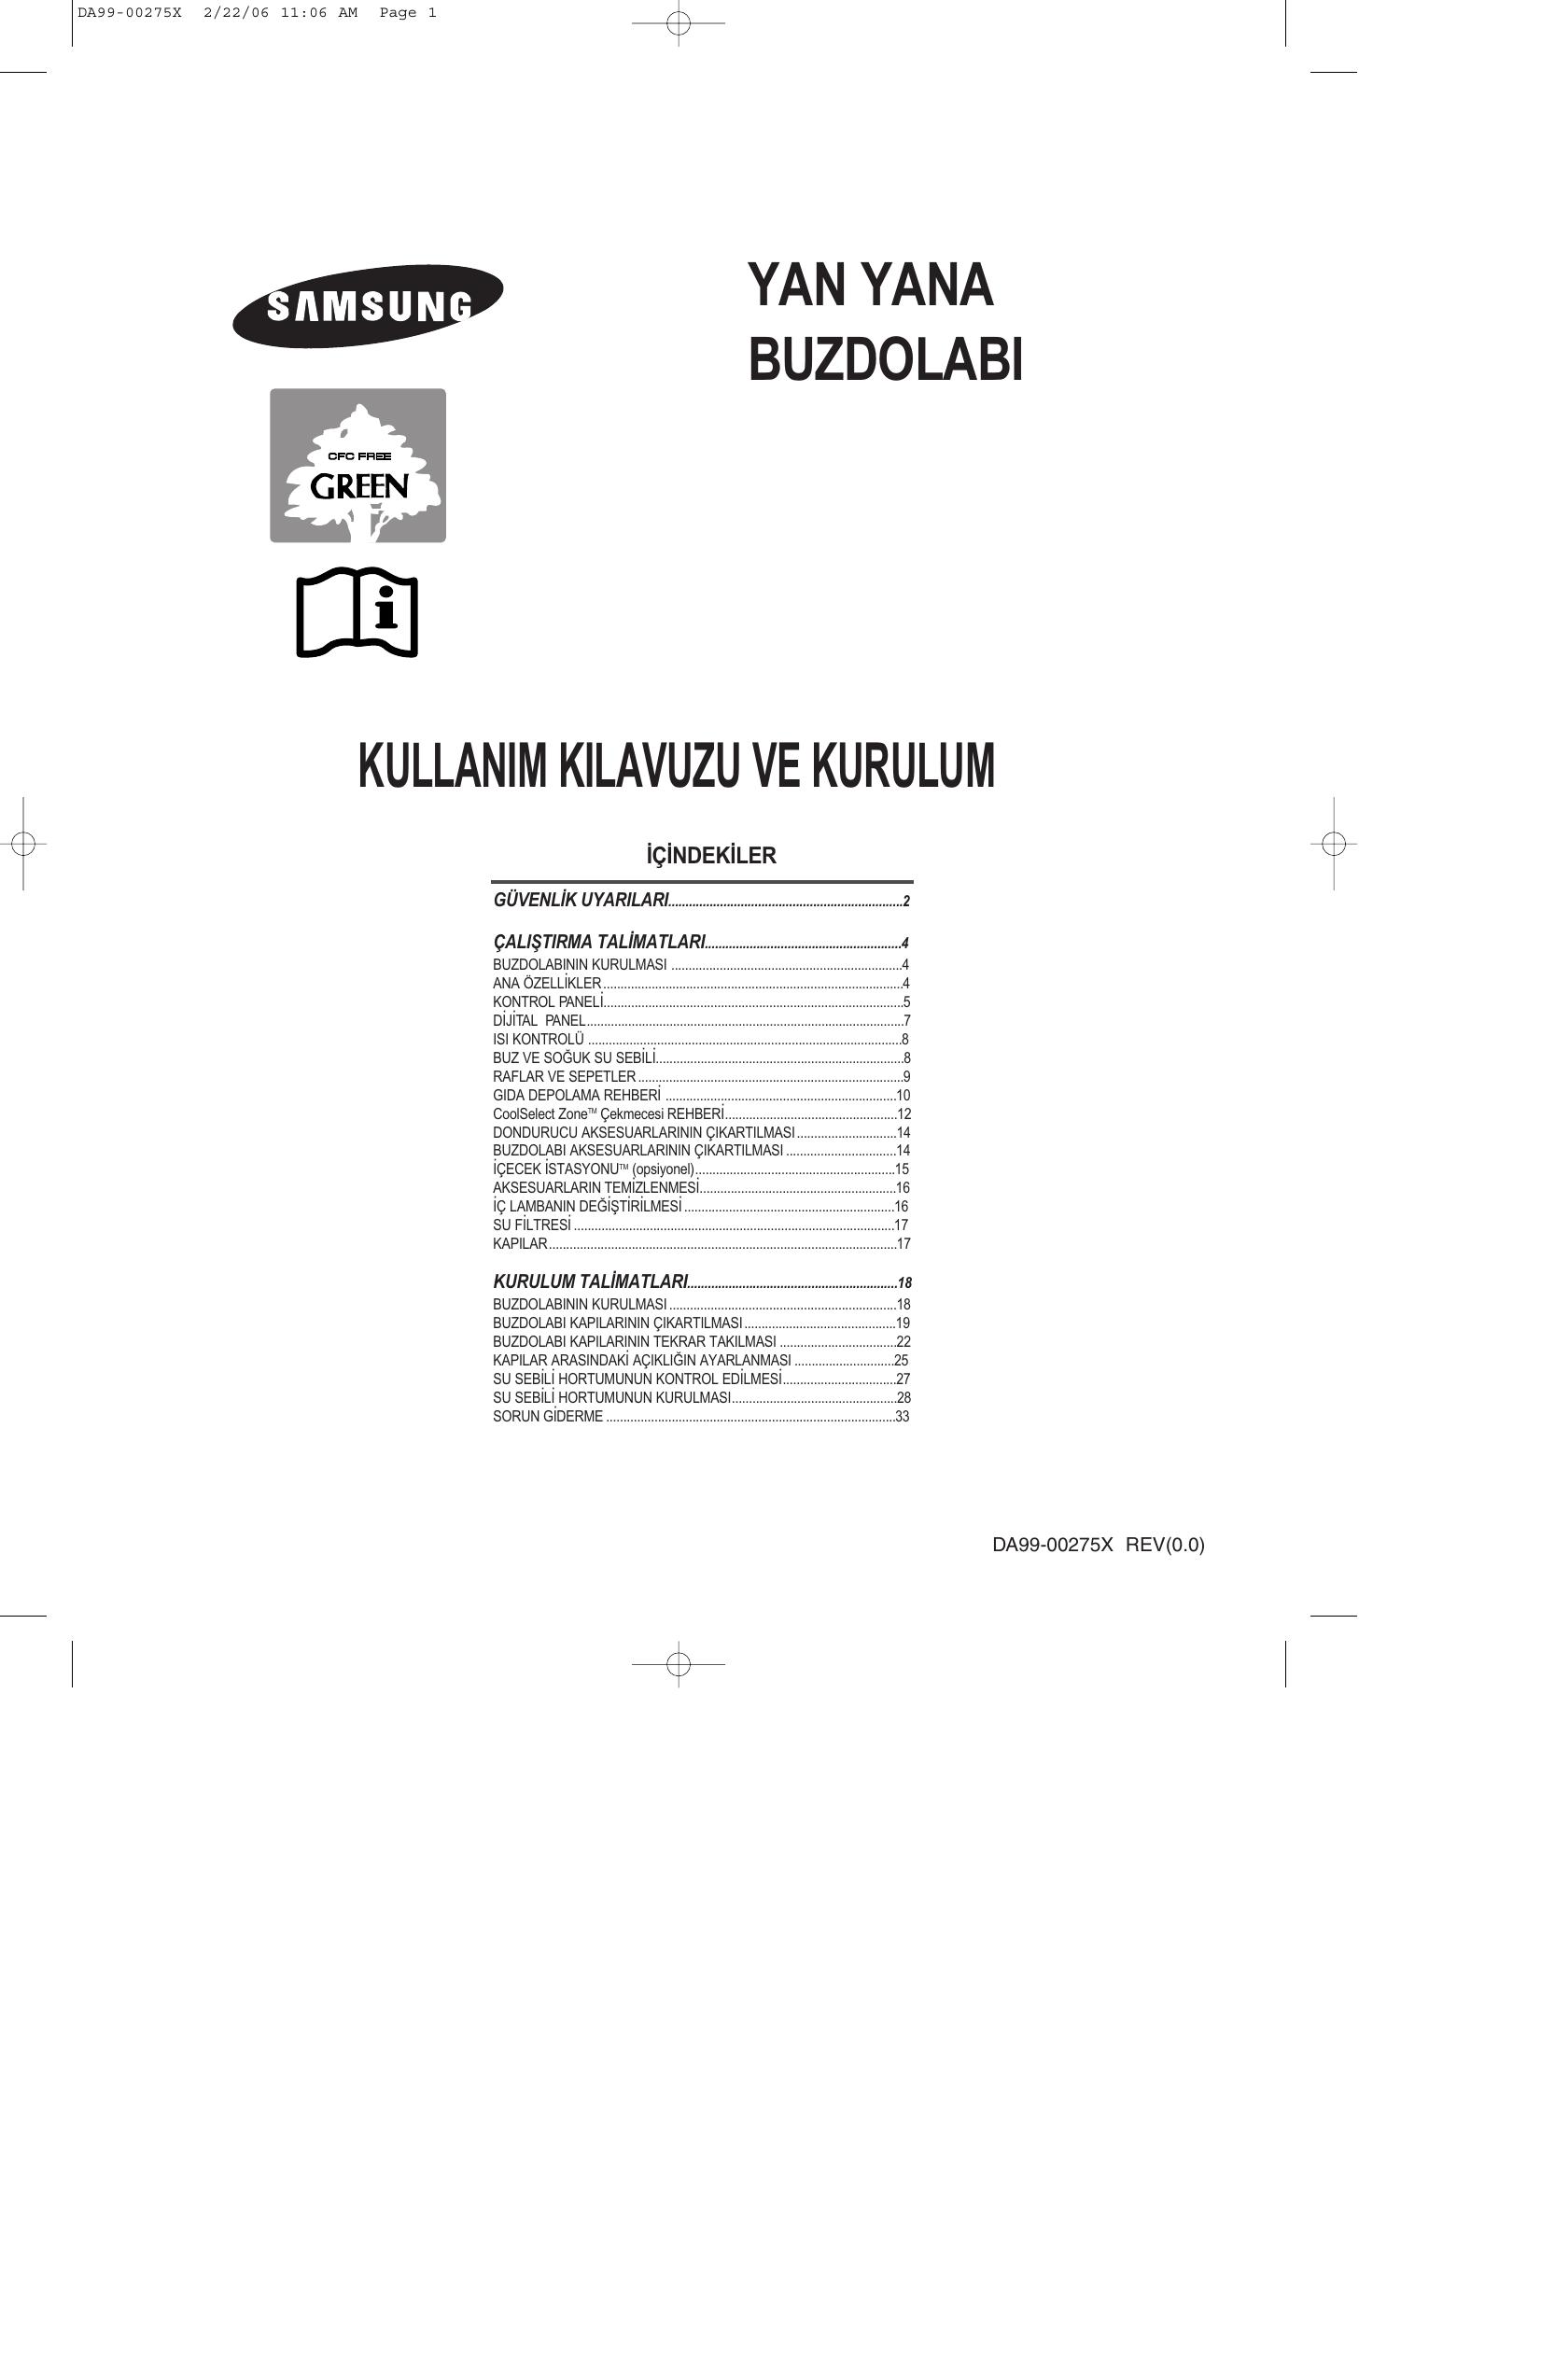 Samsung Rs27kgrs Benutzerhandbuch Manualzz